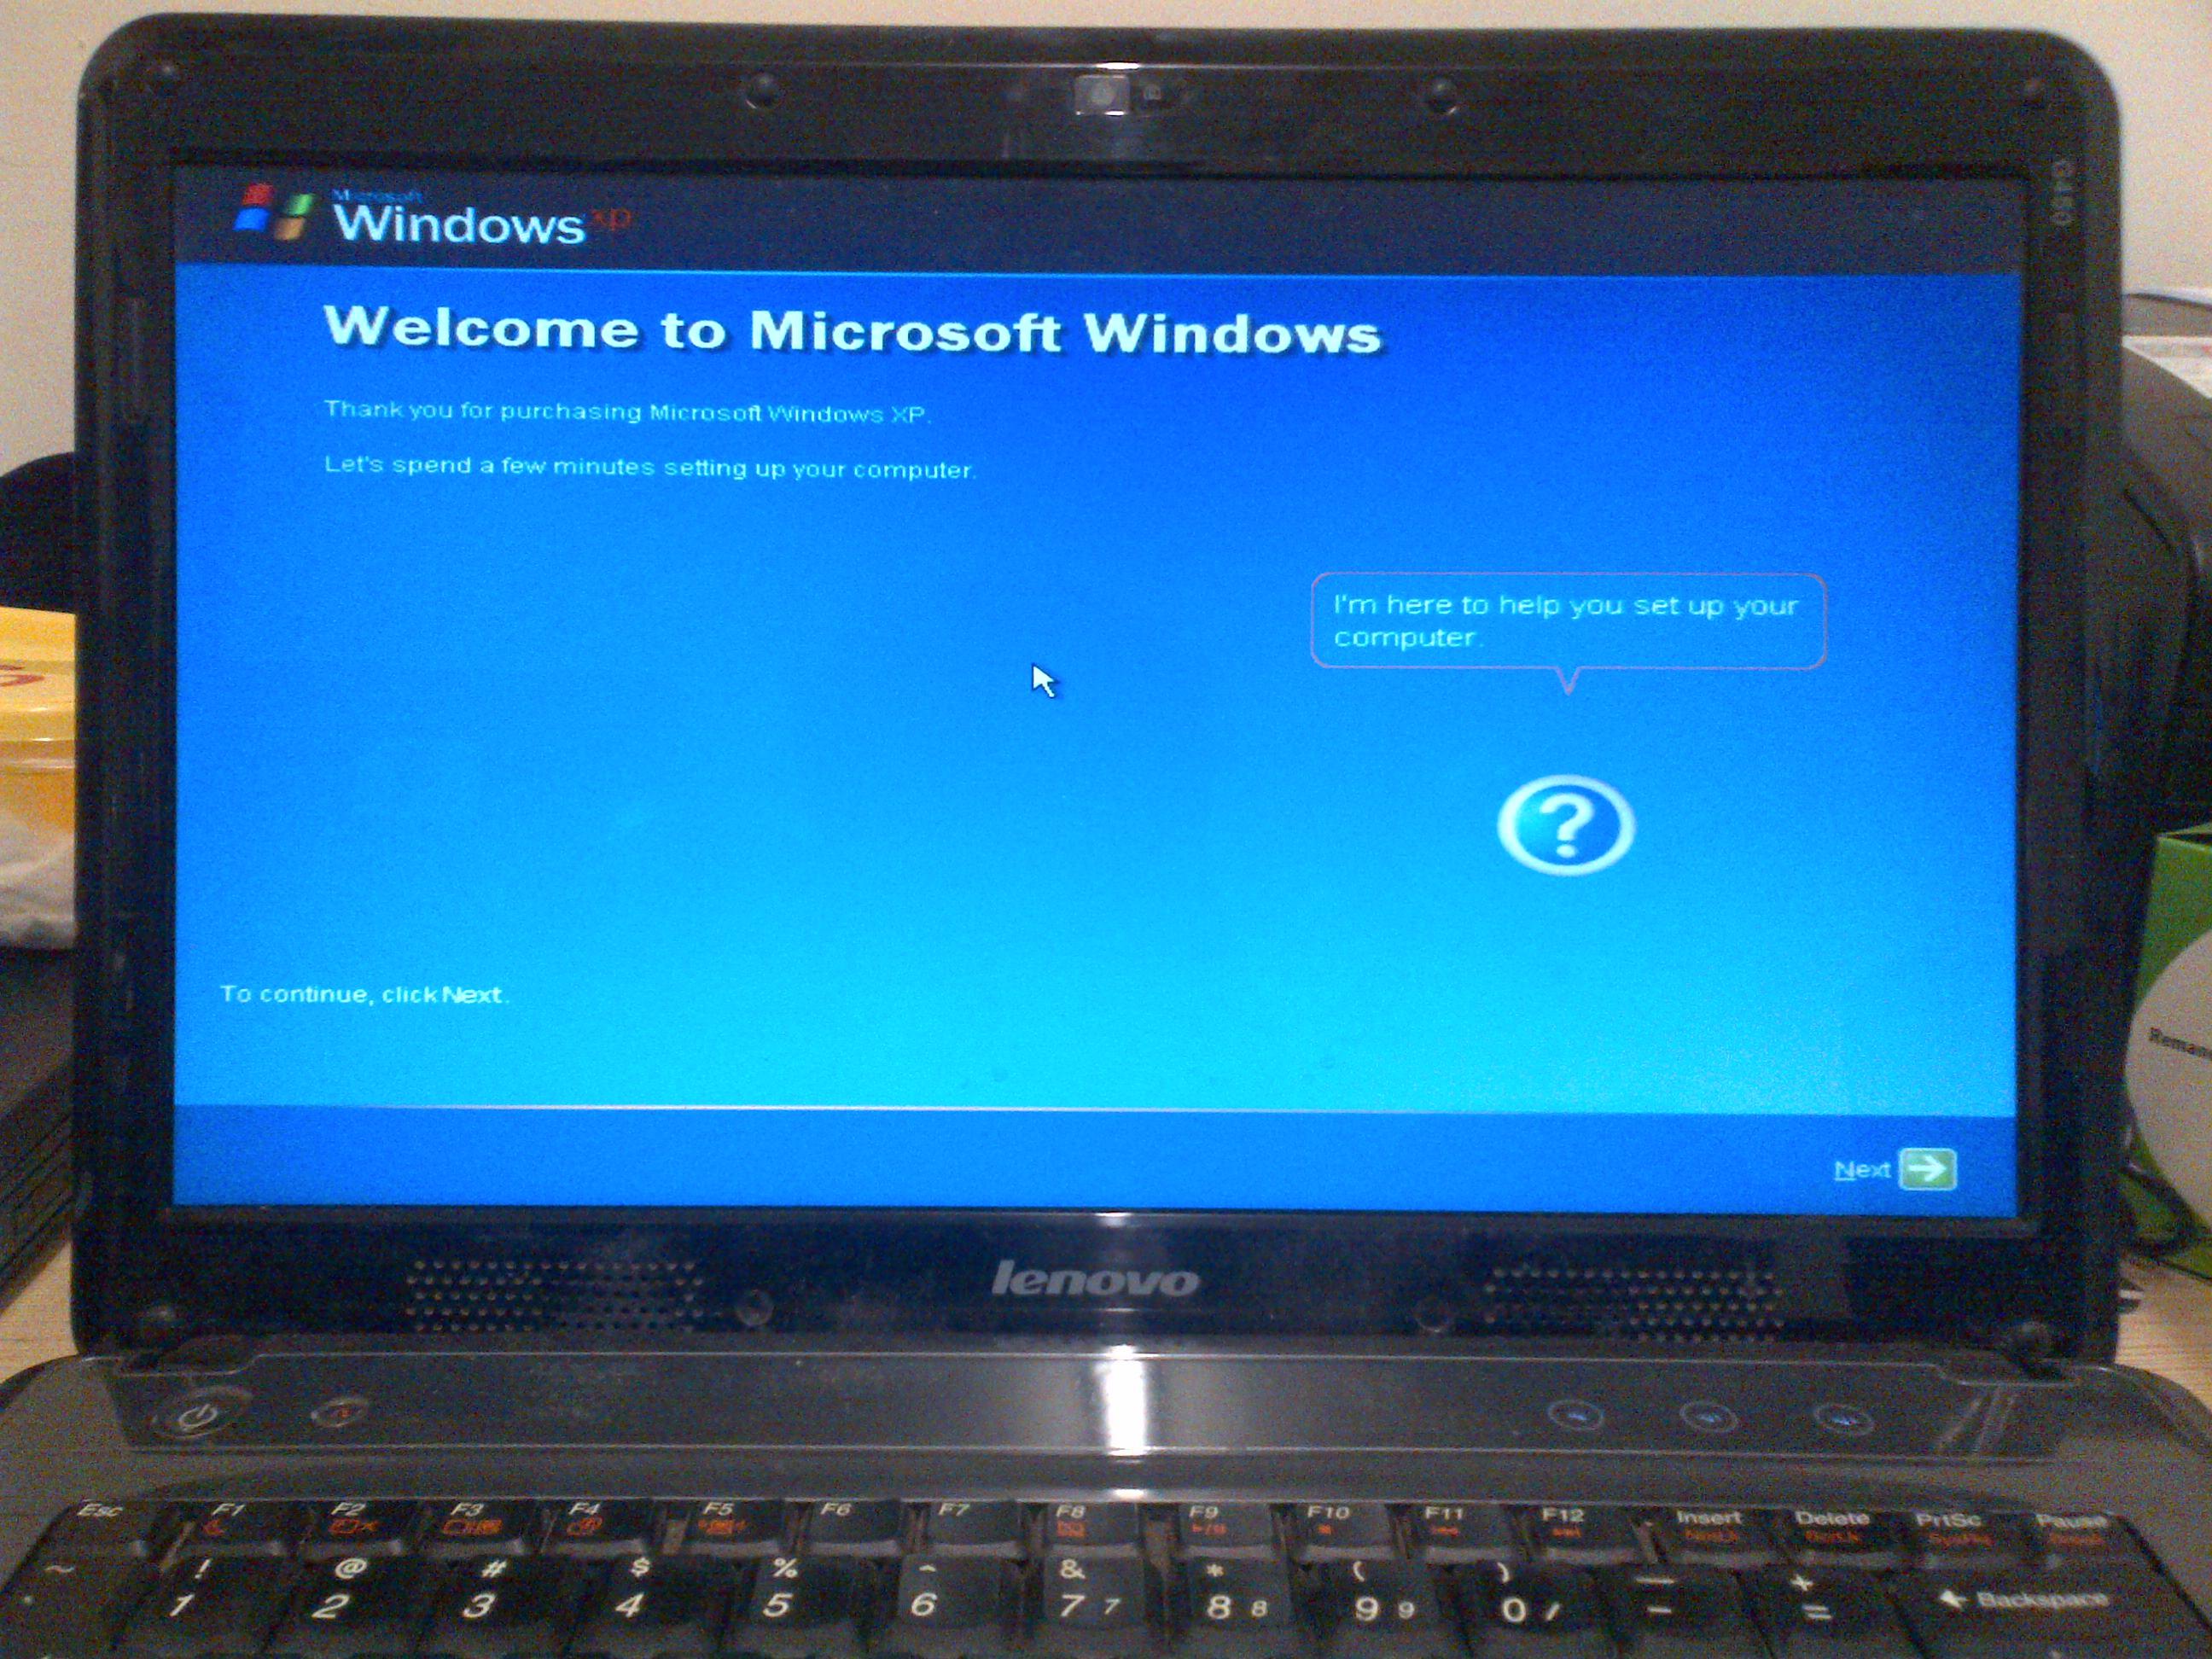 драйвера для lenovo g450 windows 7 скачать